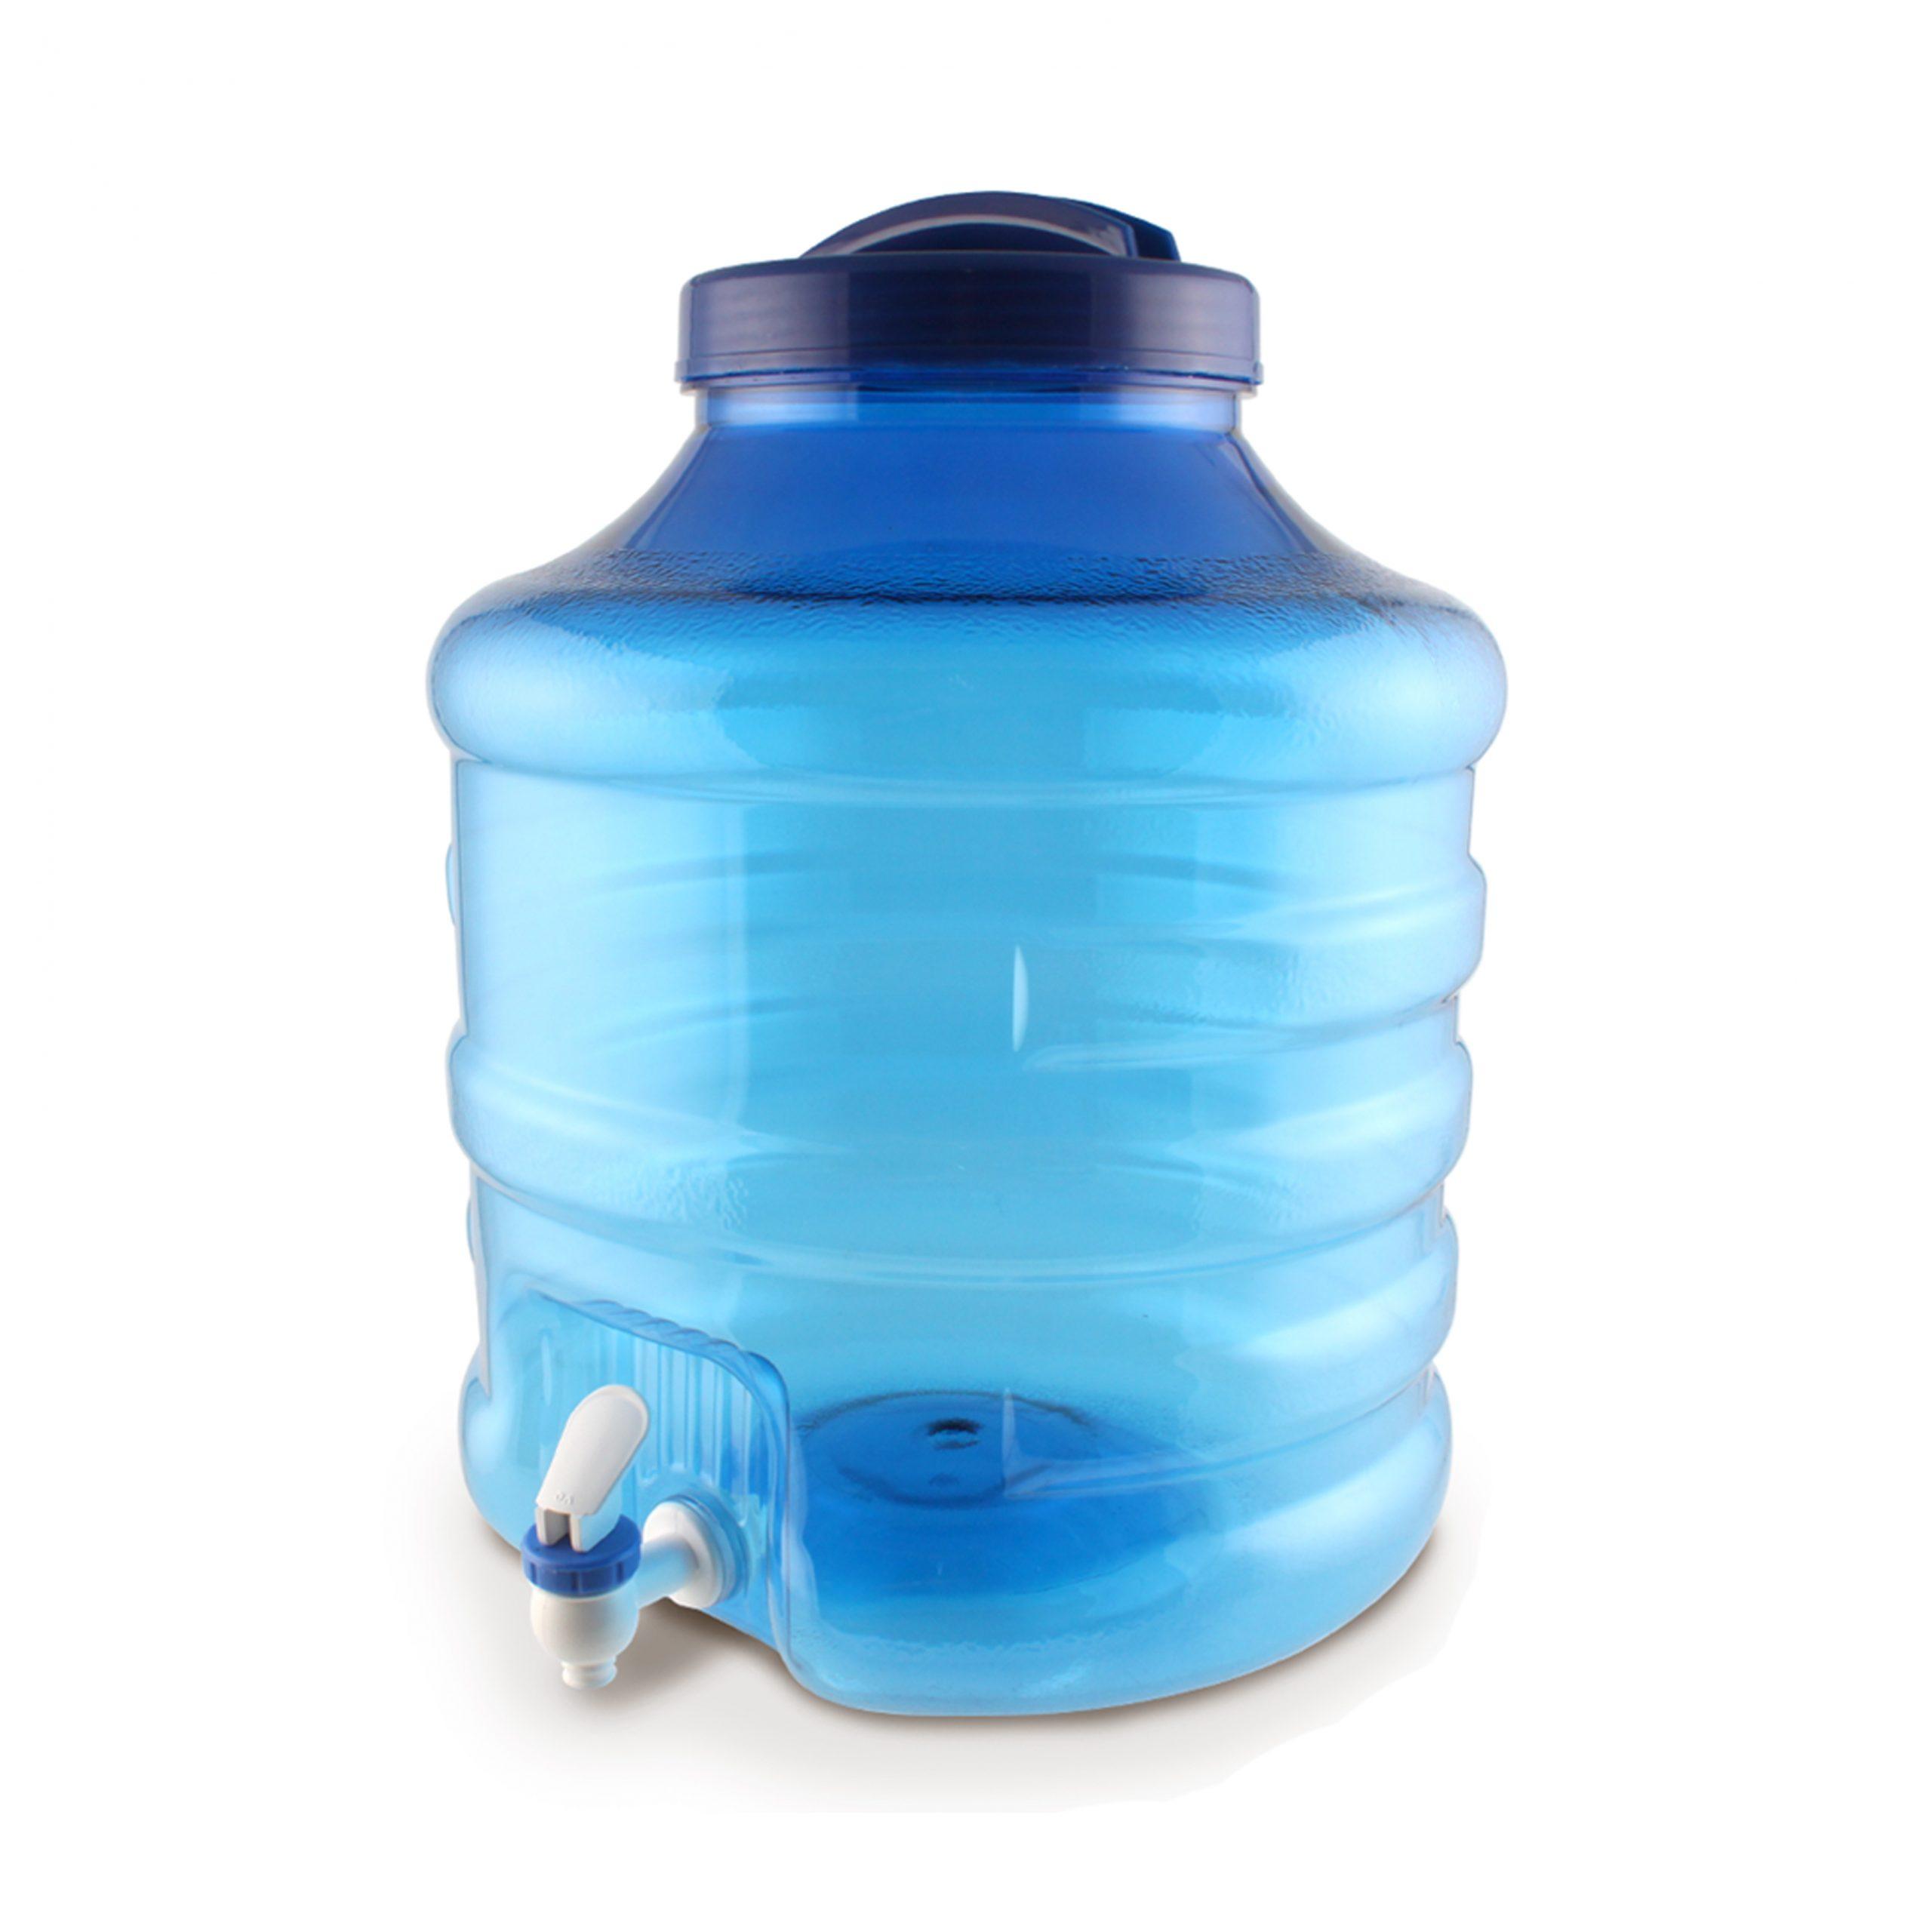 Toko Grosir Galon Plastik - Galon Guci 12 Liter